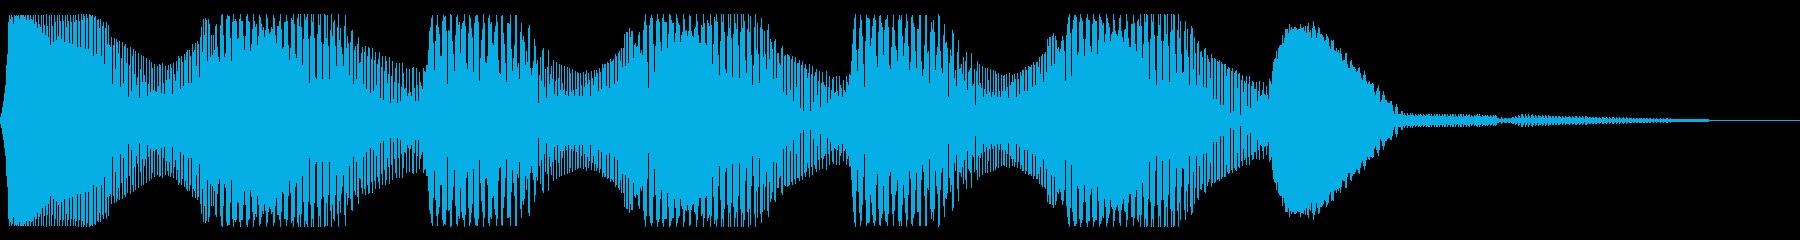 レトロなクイズ正解音 ピンポン3回 合格の再生済みの波形